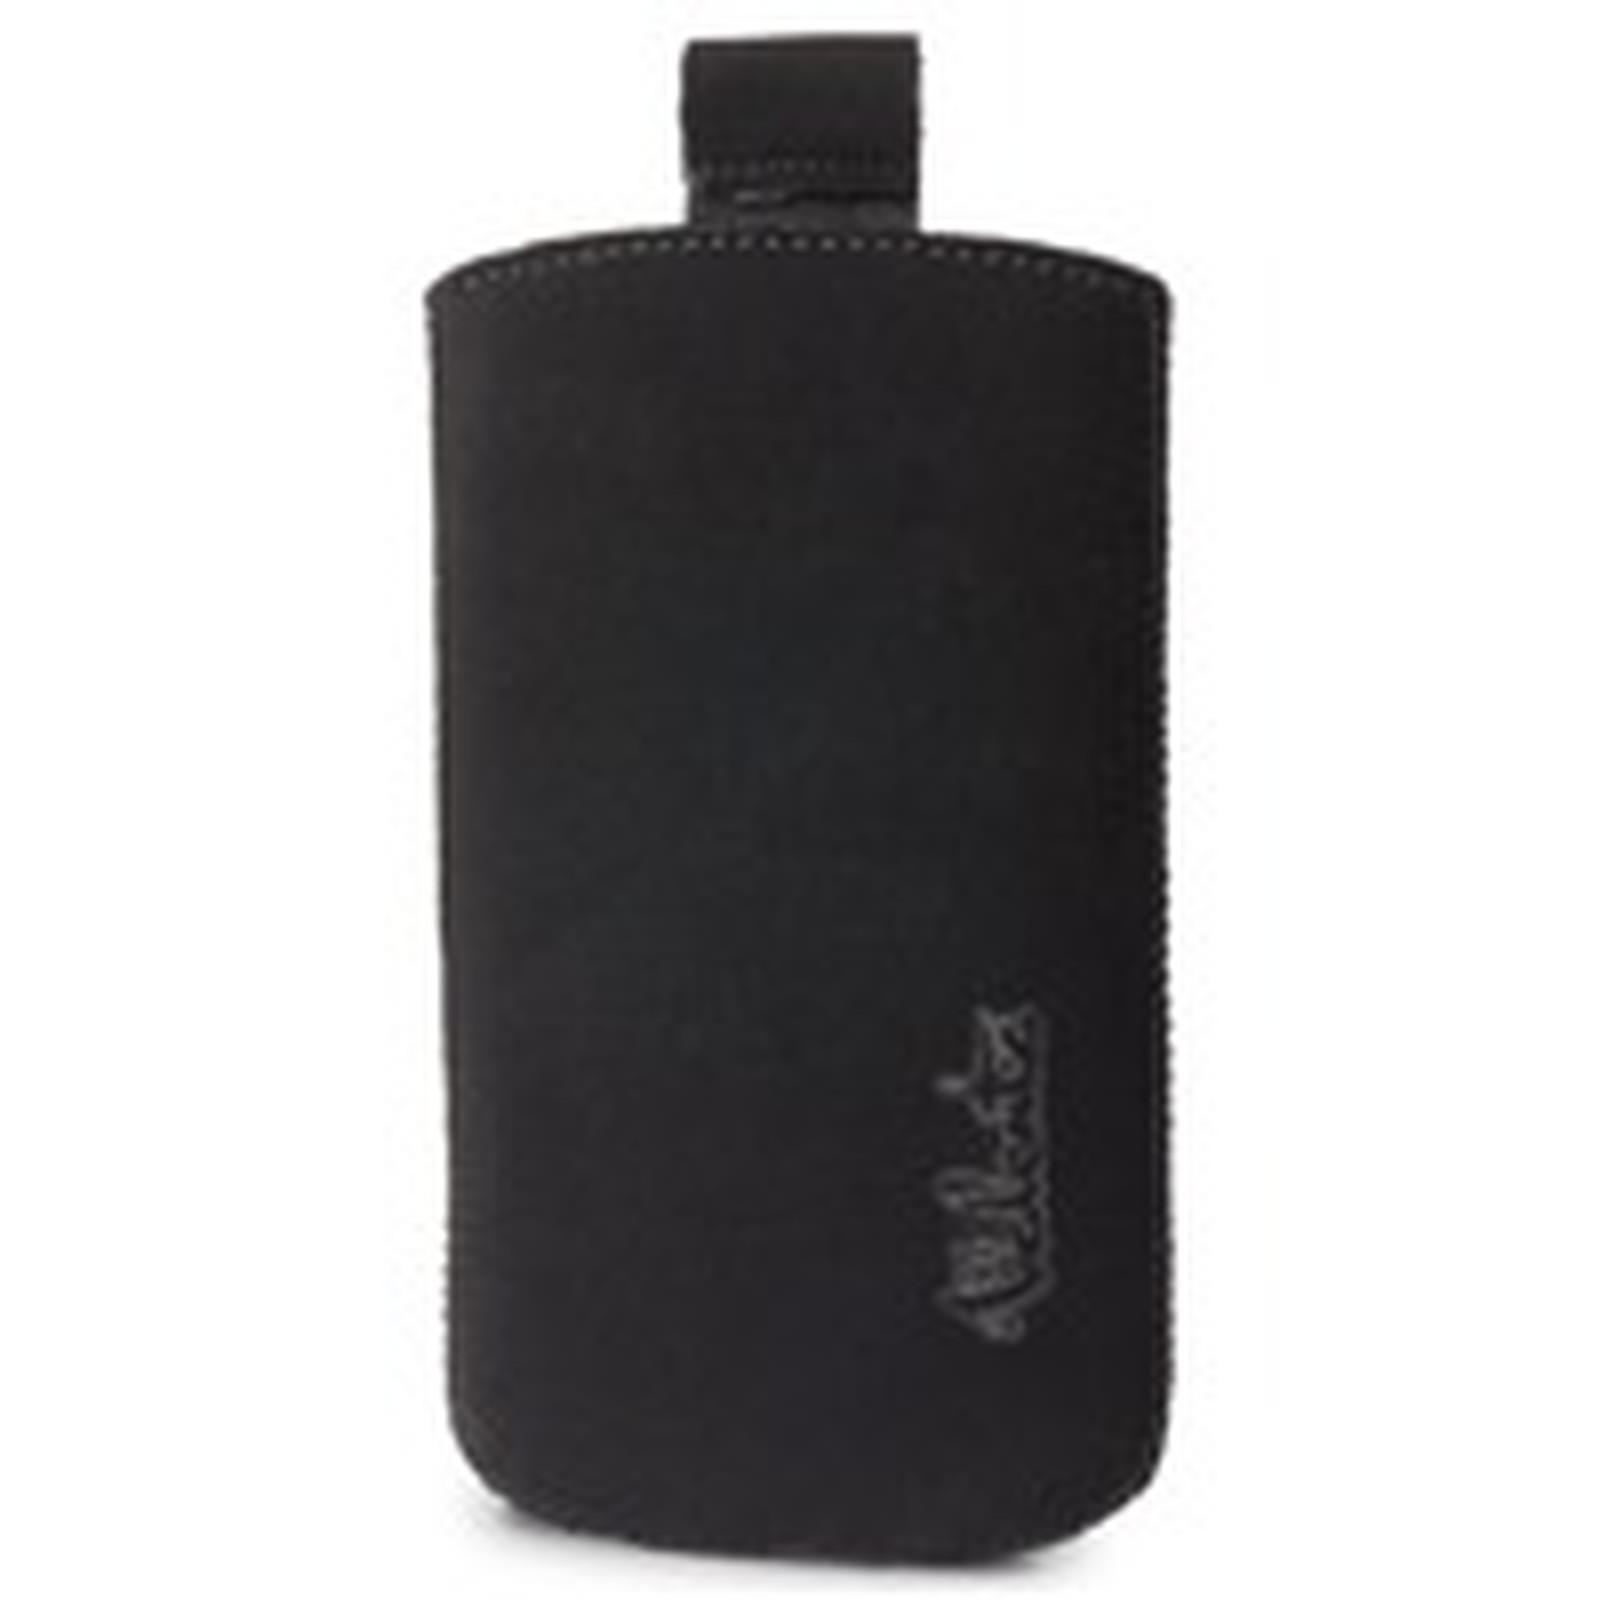 Valenta Pocket Neo 02